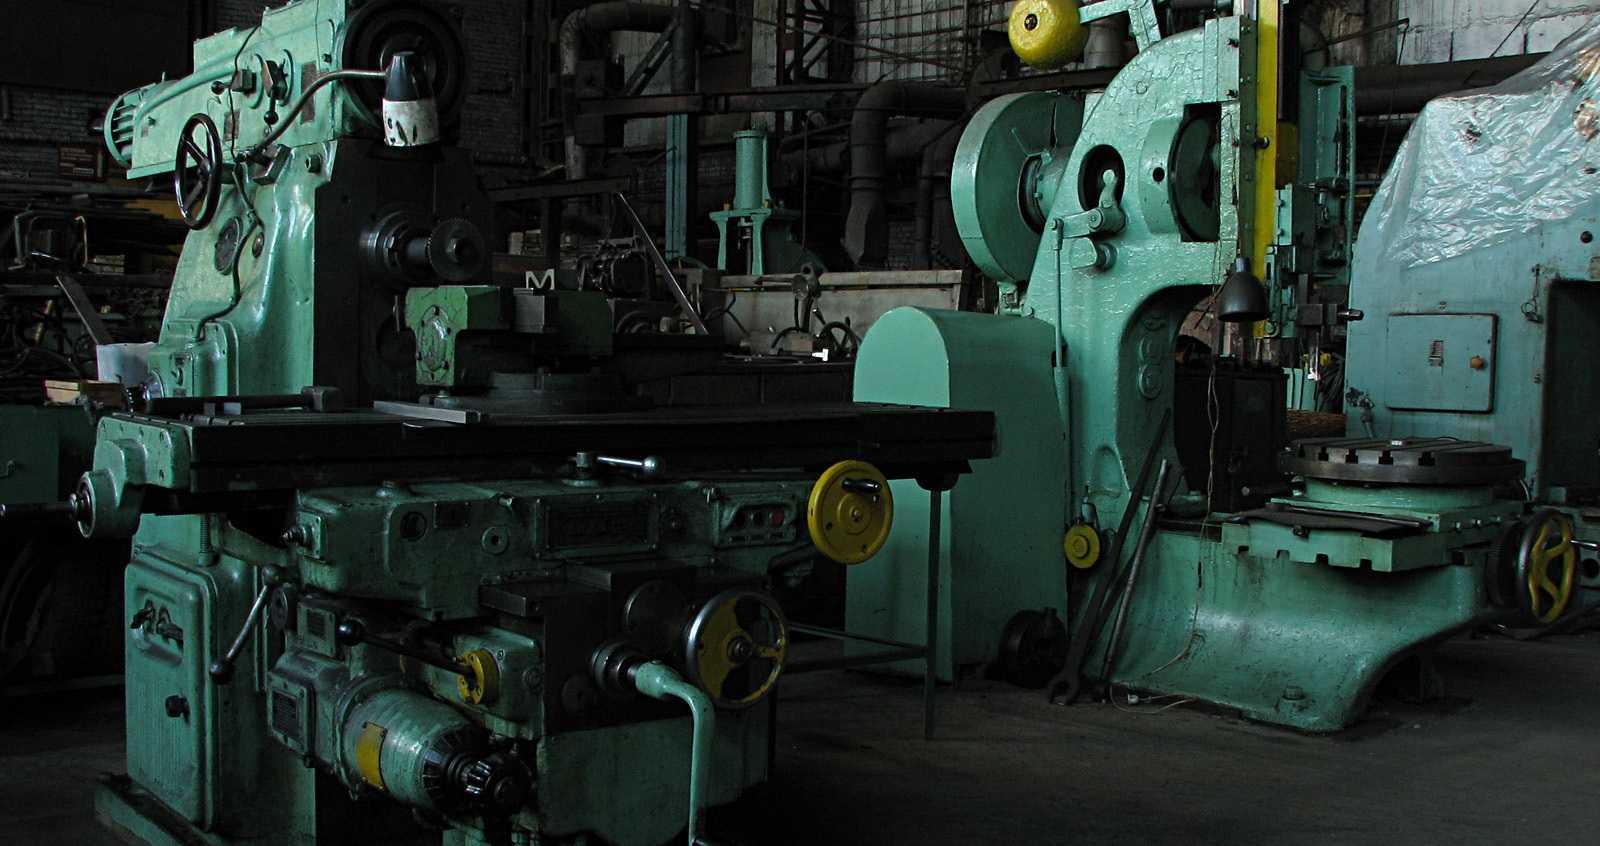 Станки, вышедшие из строя и списанные - на предприятии будут причислены к амортизационному металлолому